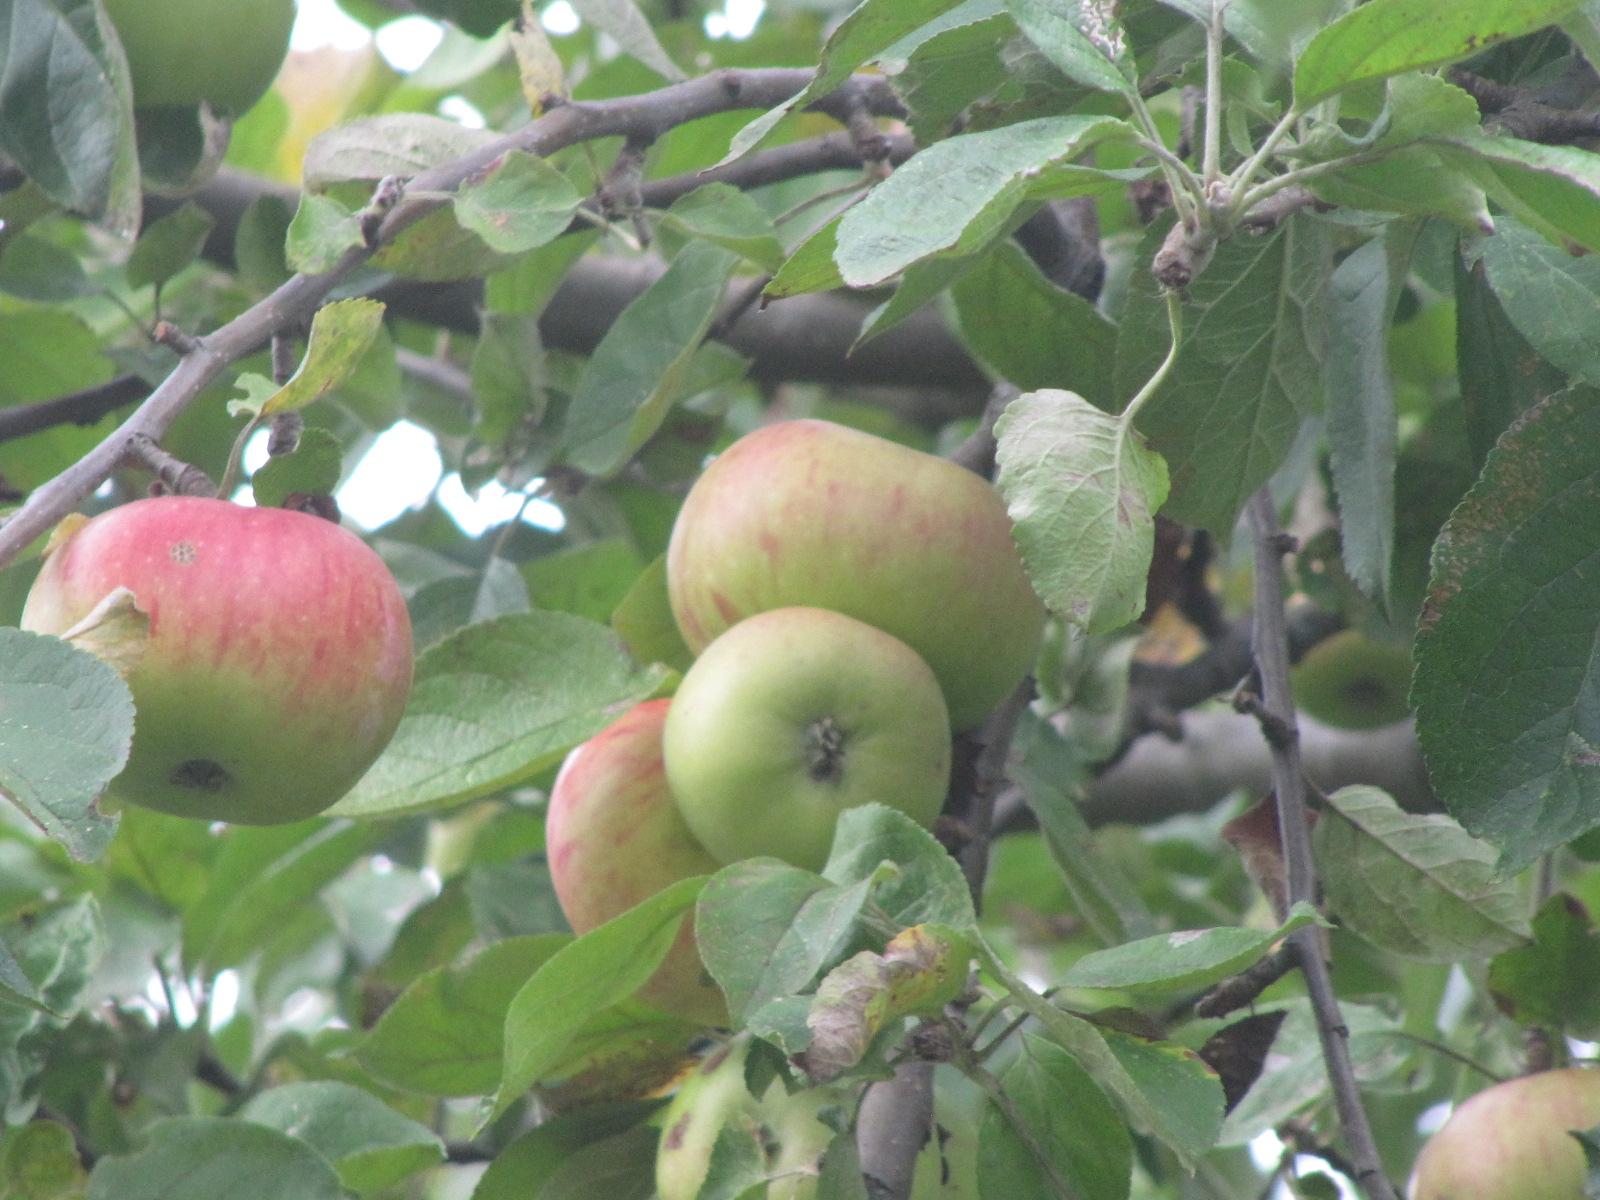 Wenn das Obst reif ist, wird es geerntet ...